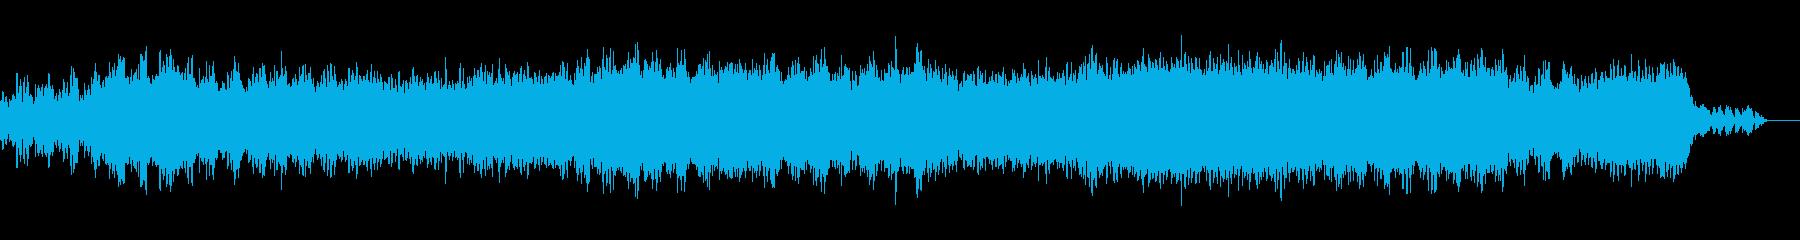 激しくダークな雰囲気のデジタルサウンドの再生済みの波形